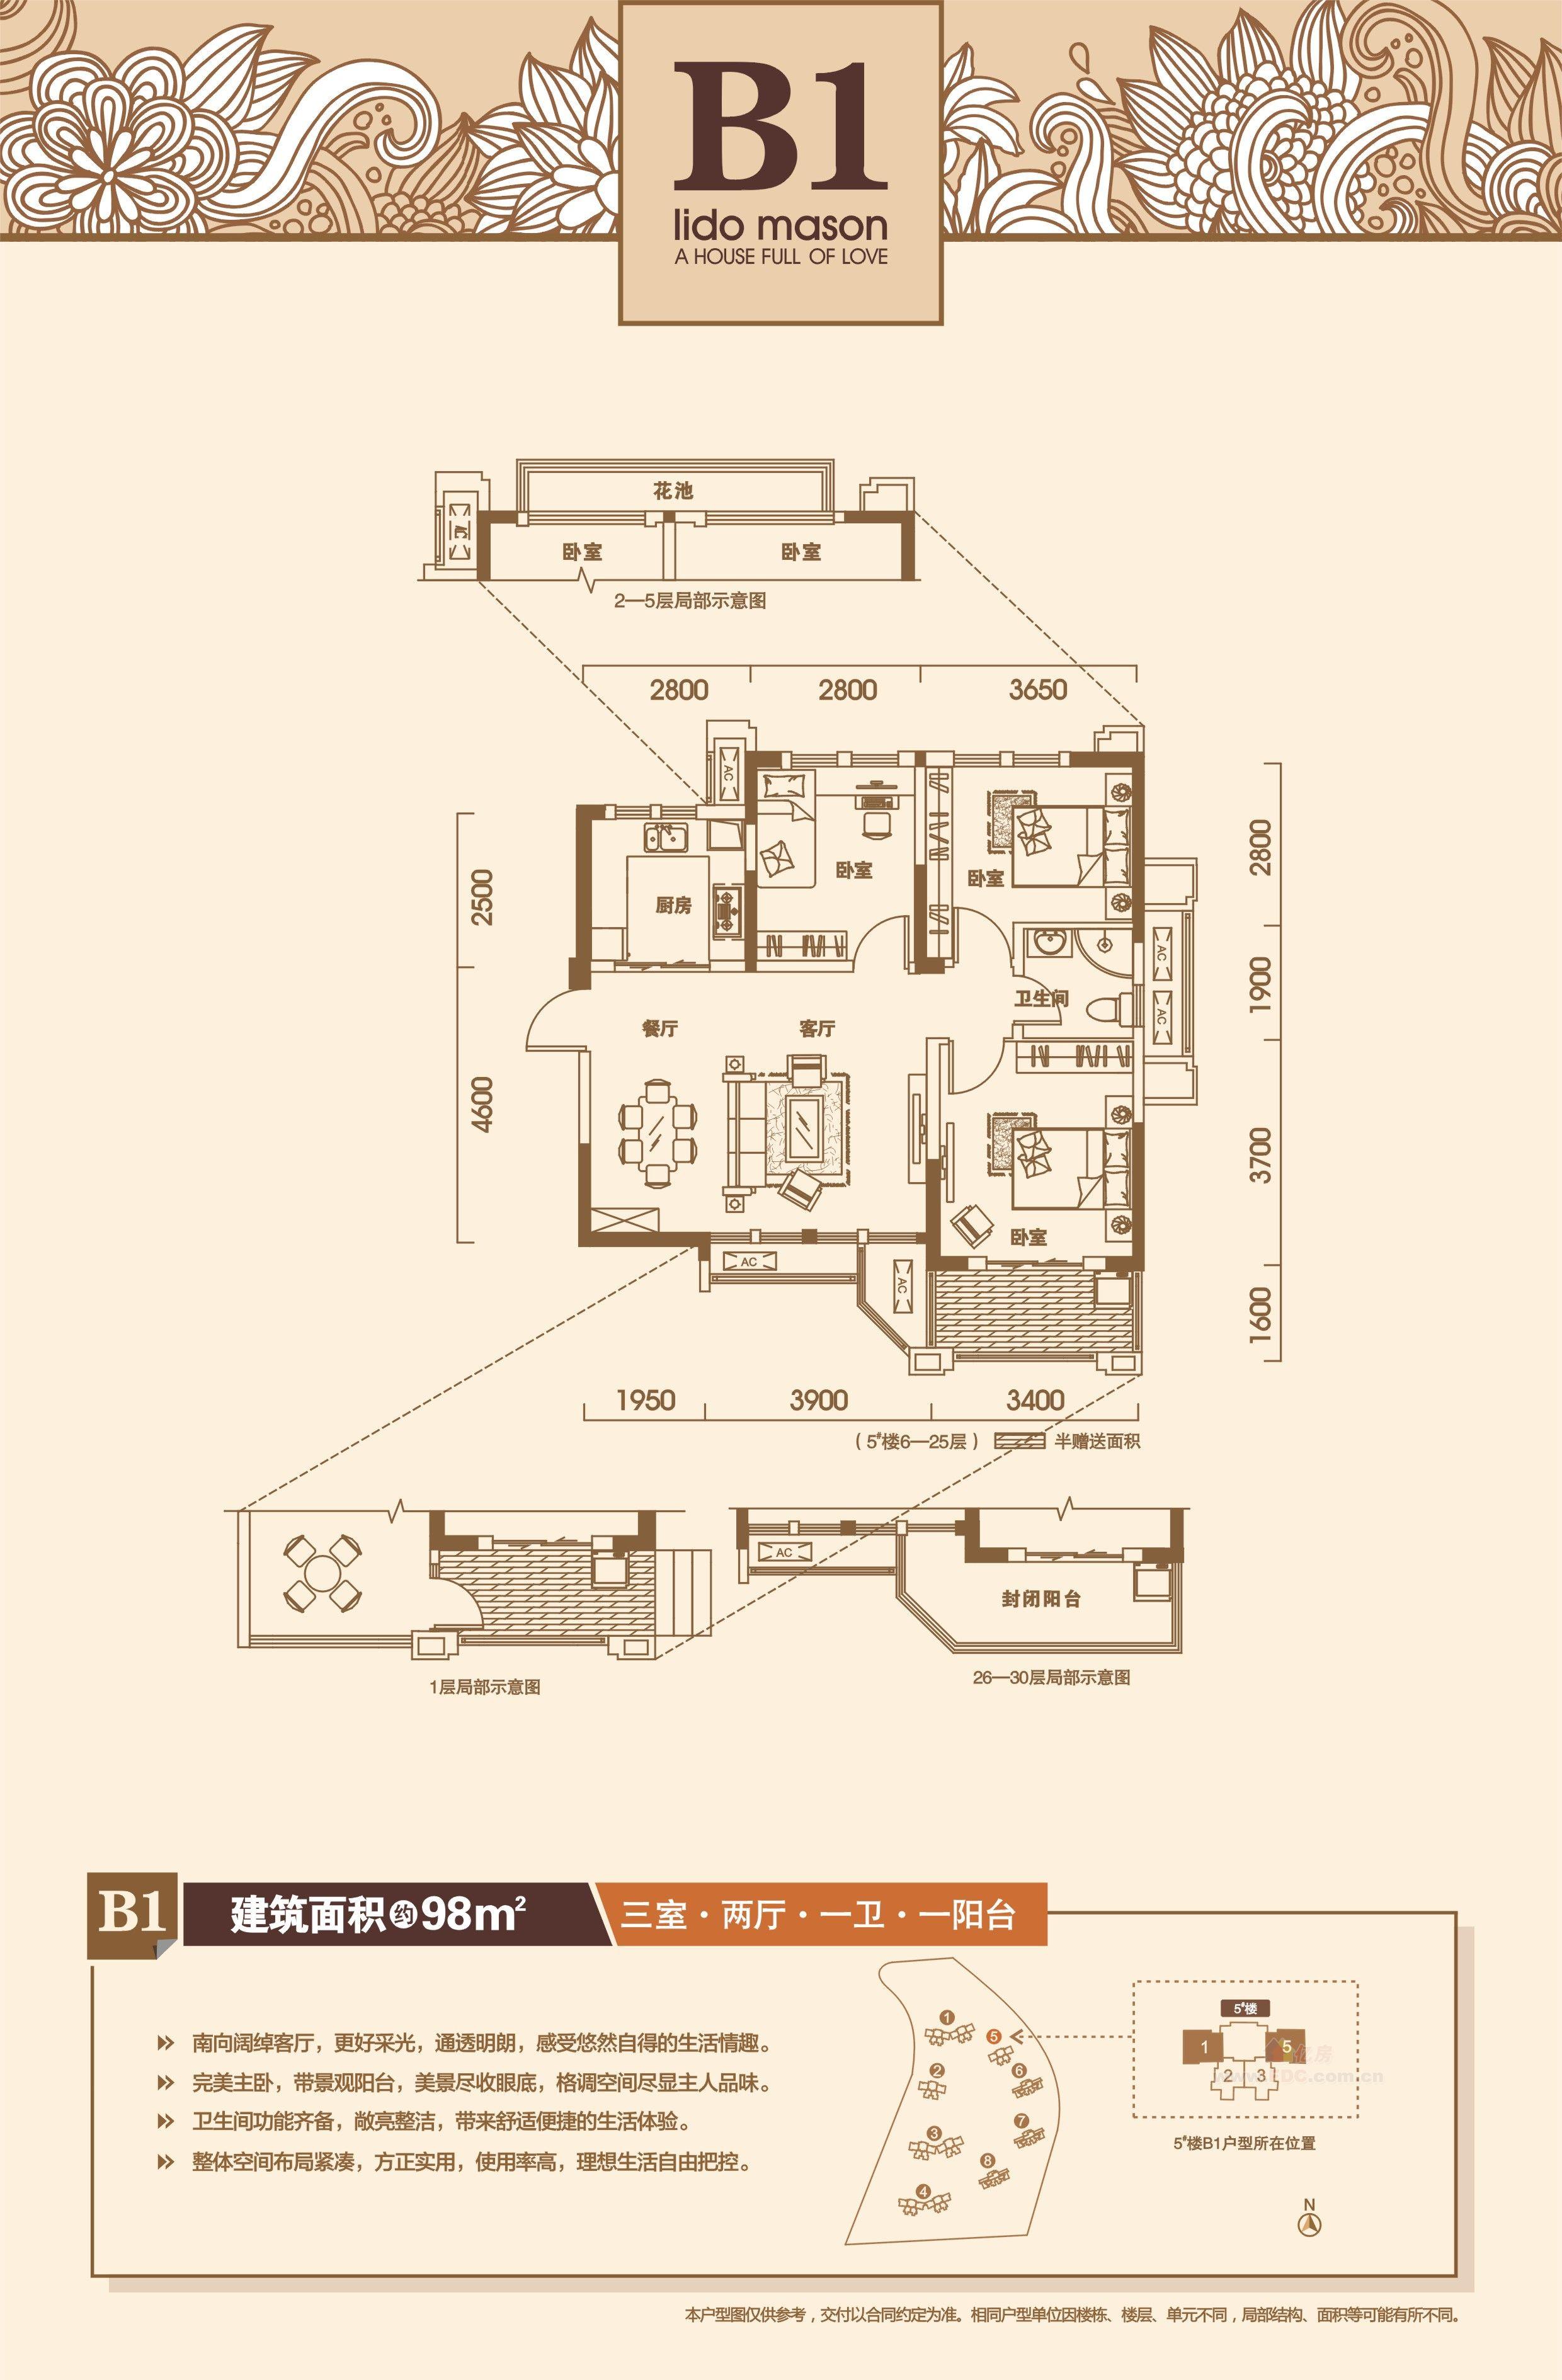 丽岛美生一期 户型图b1 3室2厅1卫 98.00㎡